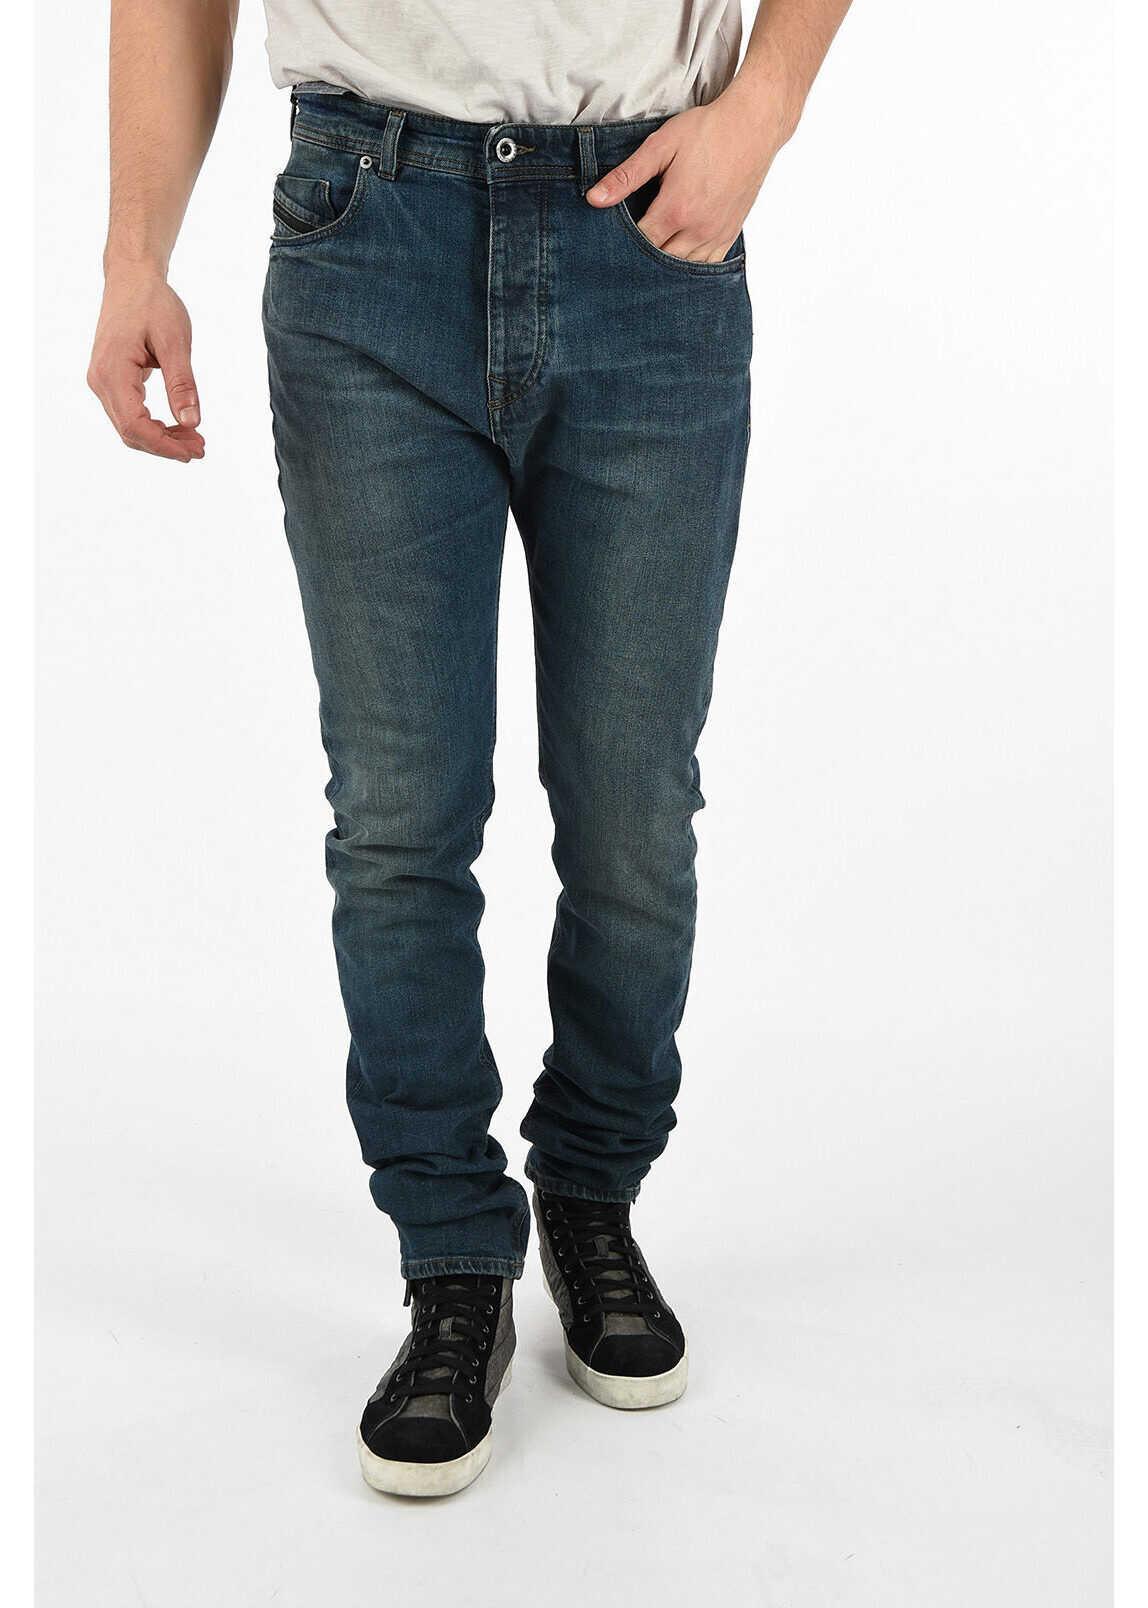 Diesel BLACK GOLD 17cm Regular fit TYPE-2830 Jeans BLUE